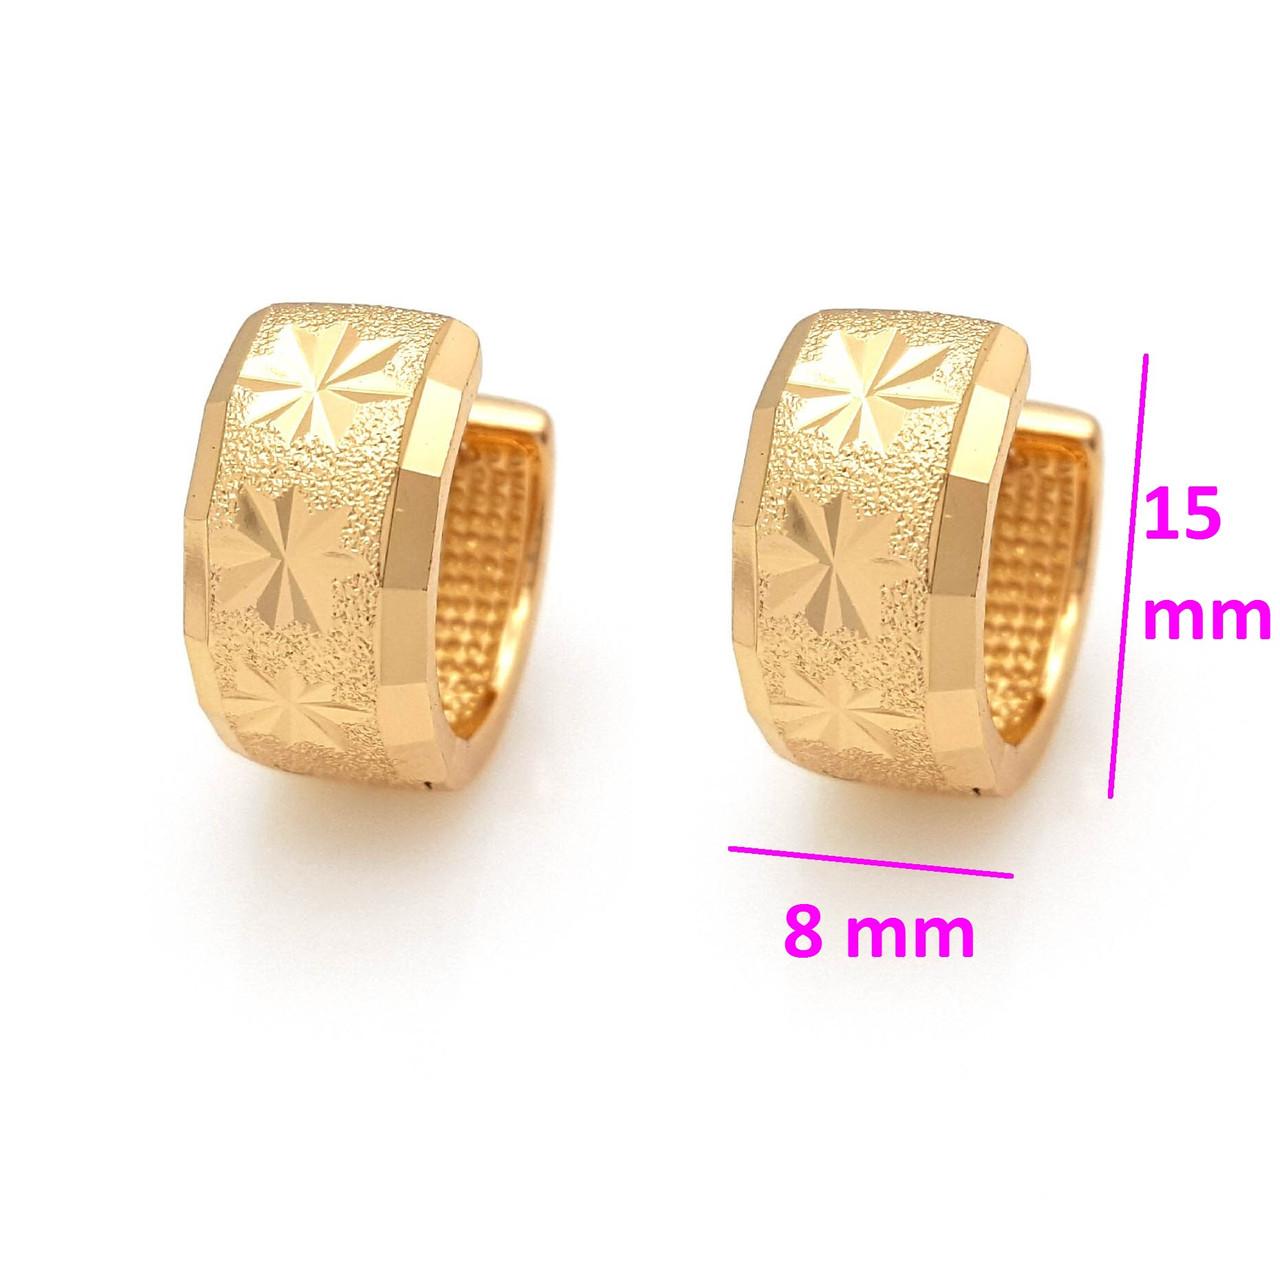 Сережки Колечка з напиленням та різбленням, без камінців, позолота Xuping, 18К